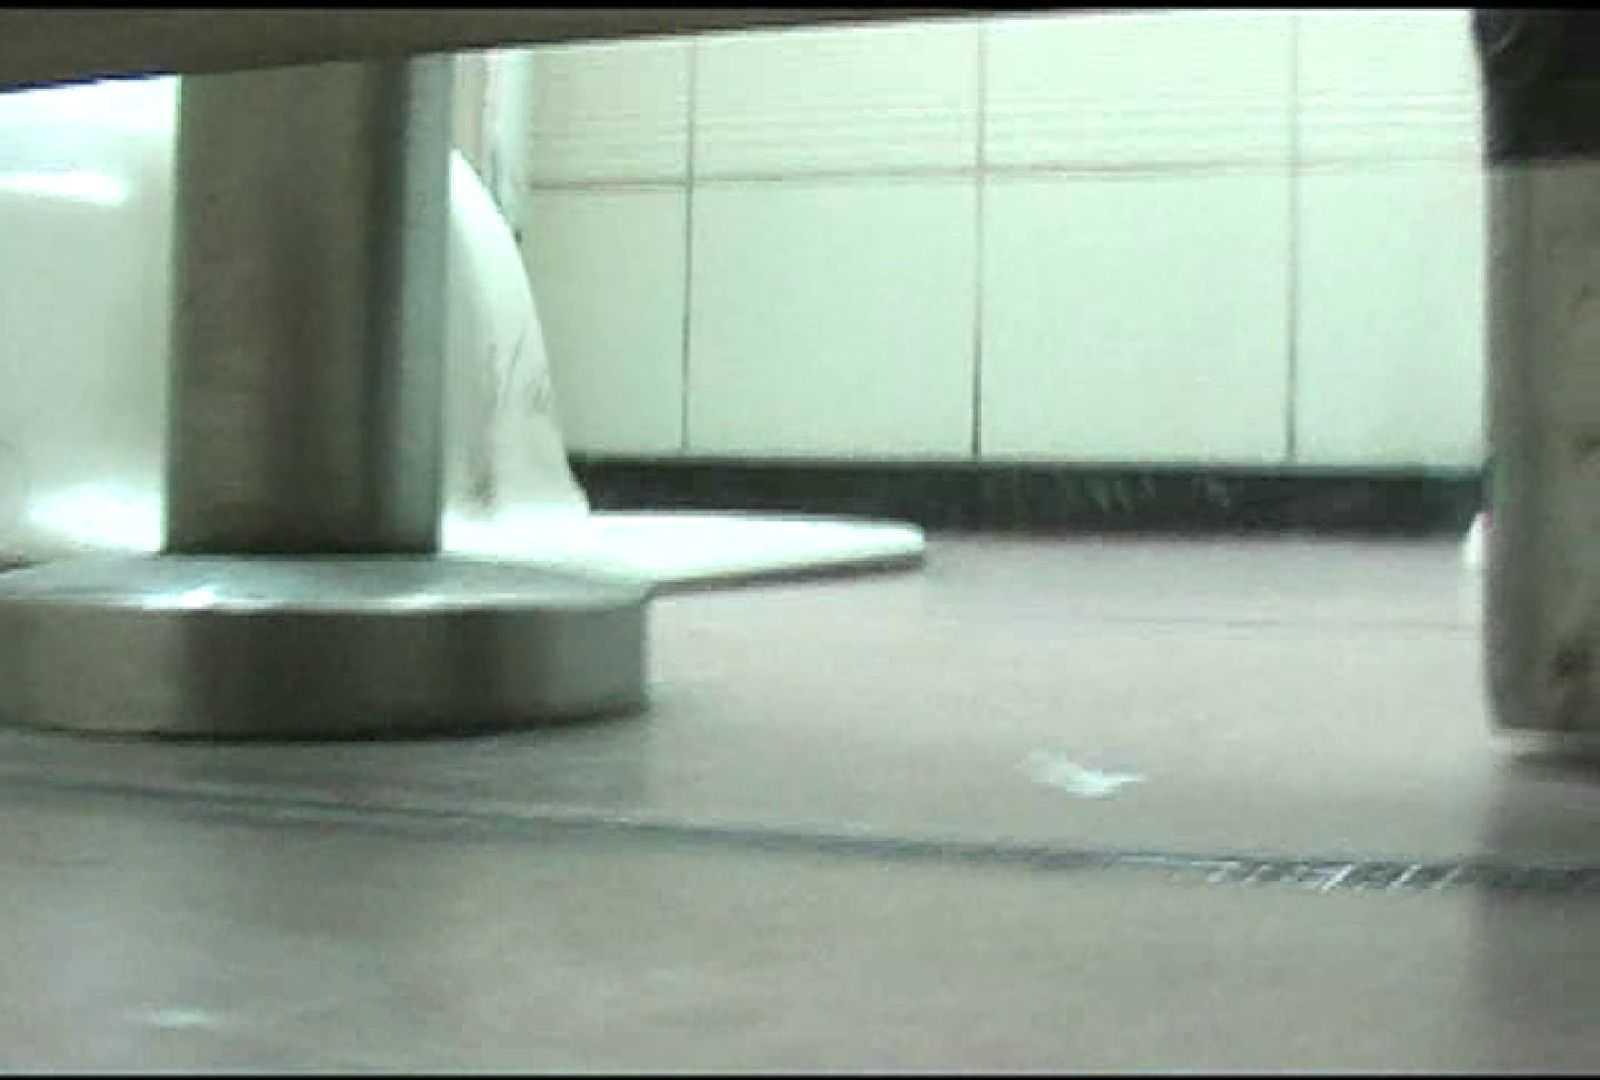 マンコ丸見え女子洗面所Vol.52 無修正マンコ のぞき動画画像 105PIX 33